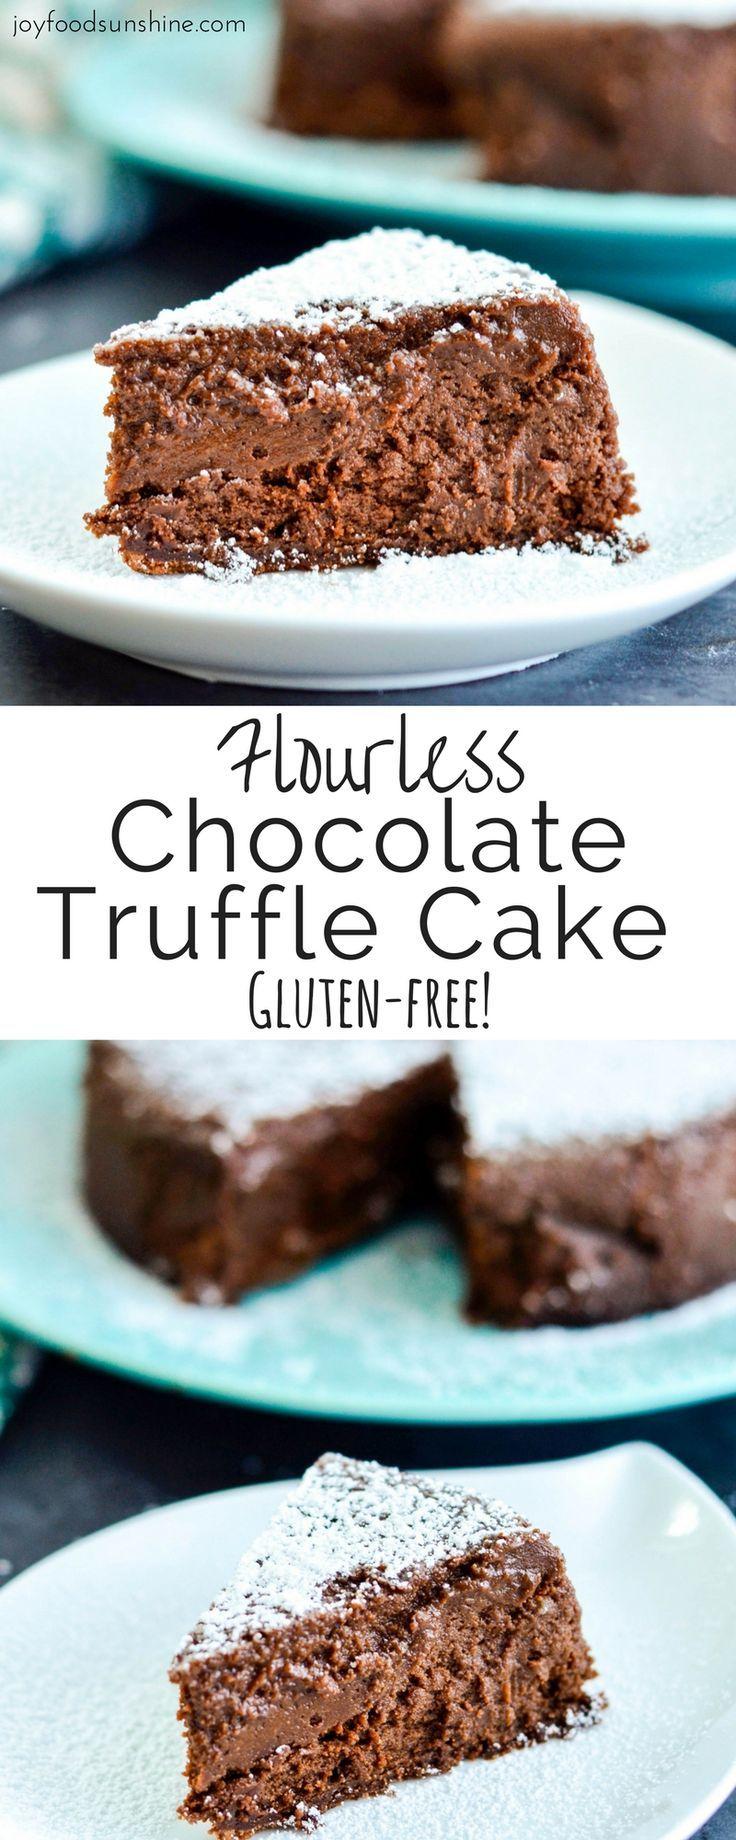 Chocoladetaart recept: glutenvrije chocolade truffel cake - zonder bloem! Onweerstaanbaar lekker, voor mensen die wel óf niet glutenvrij leven. // via Joy Food Sunshine